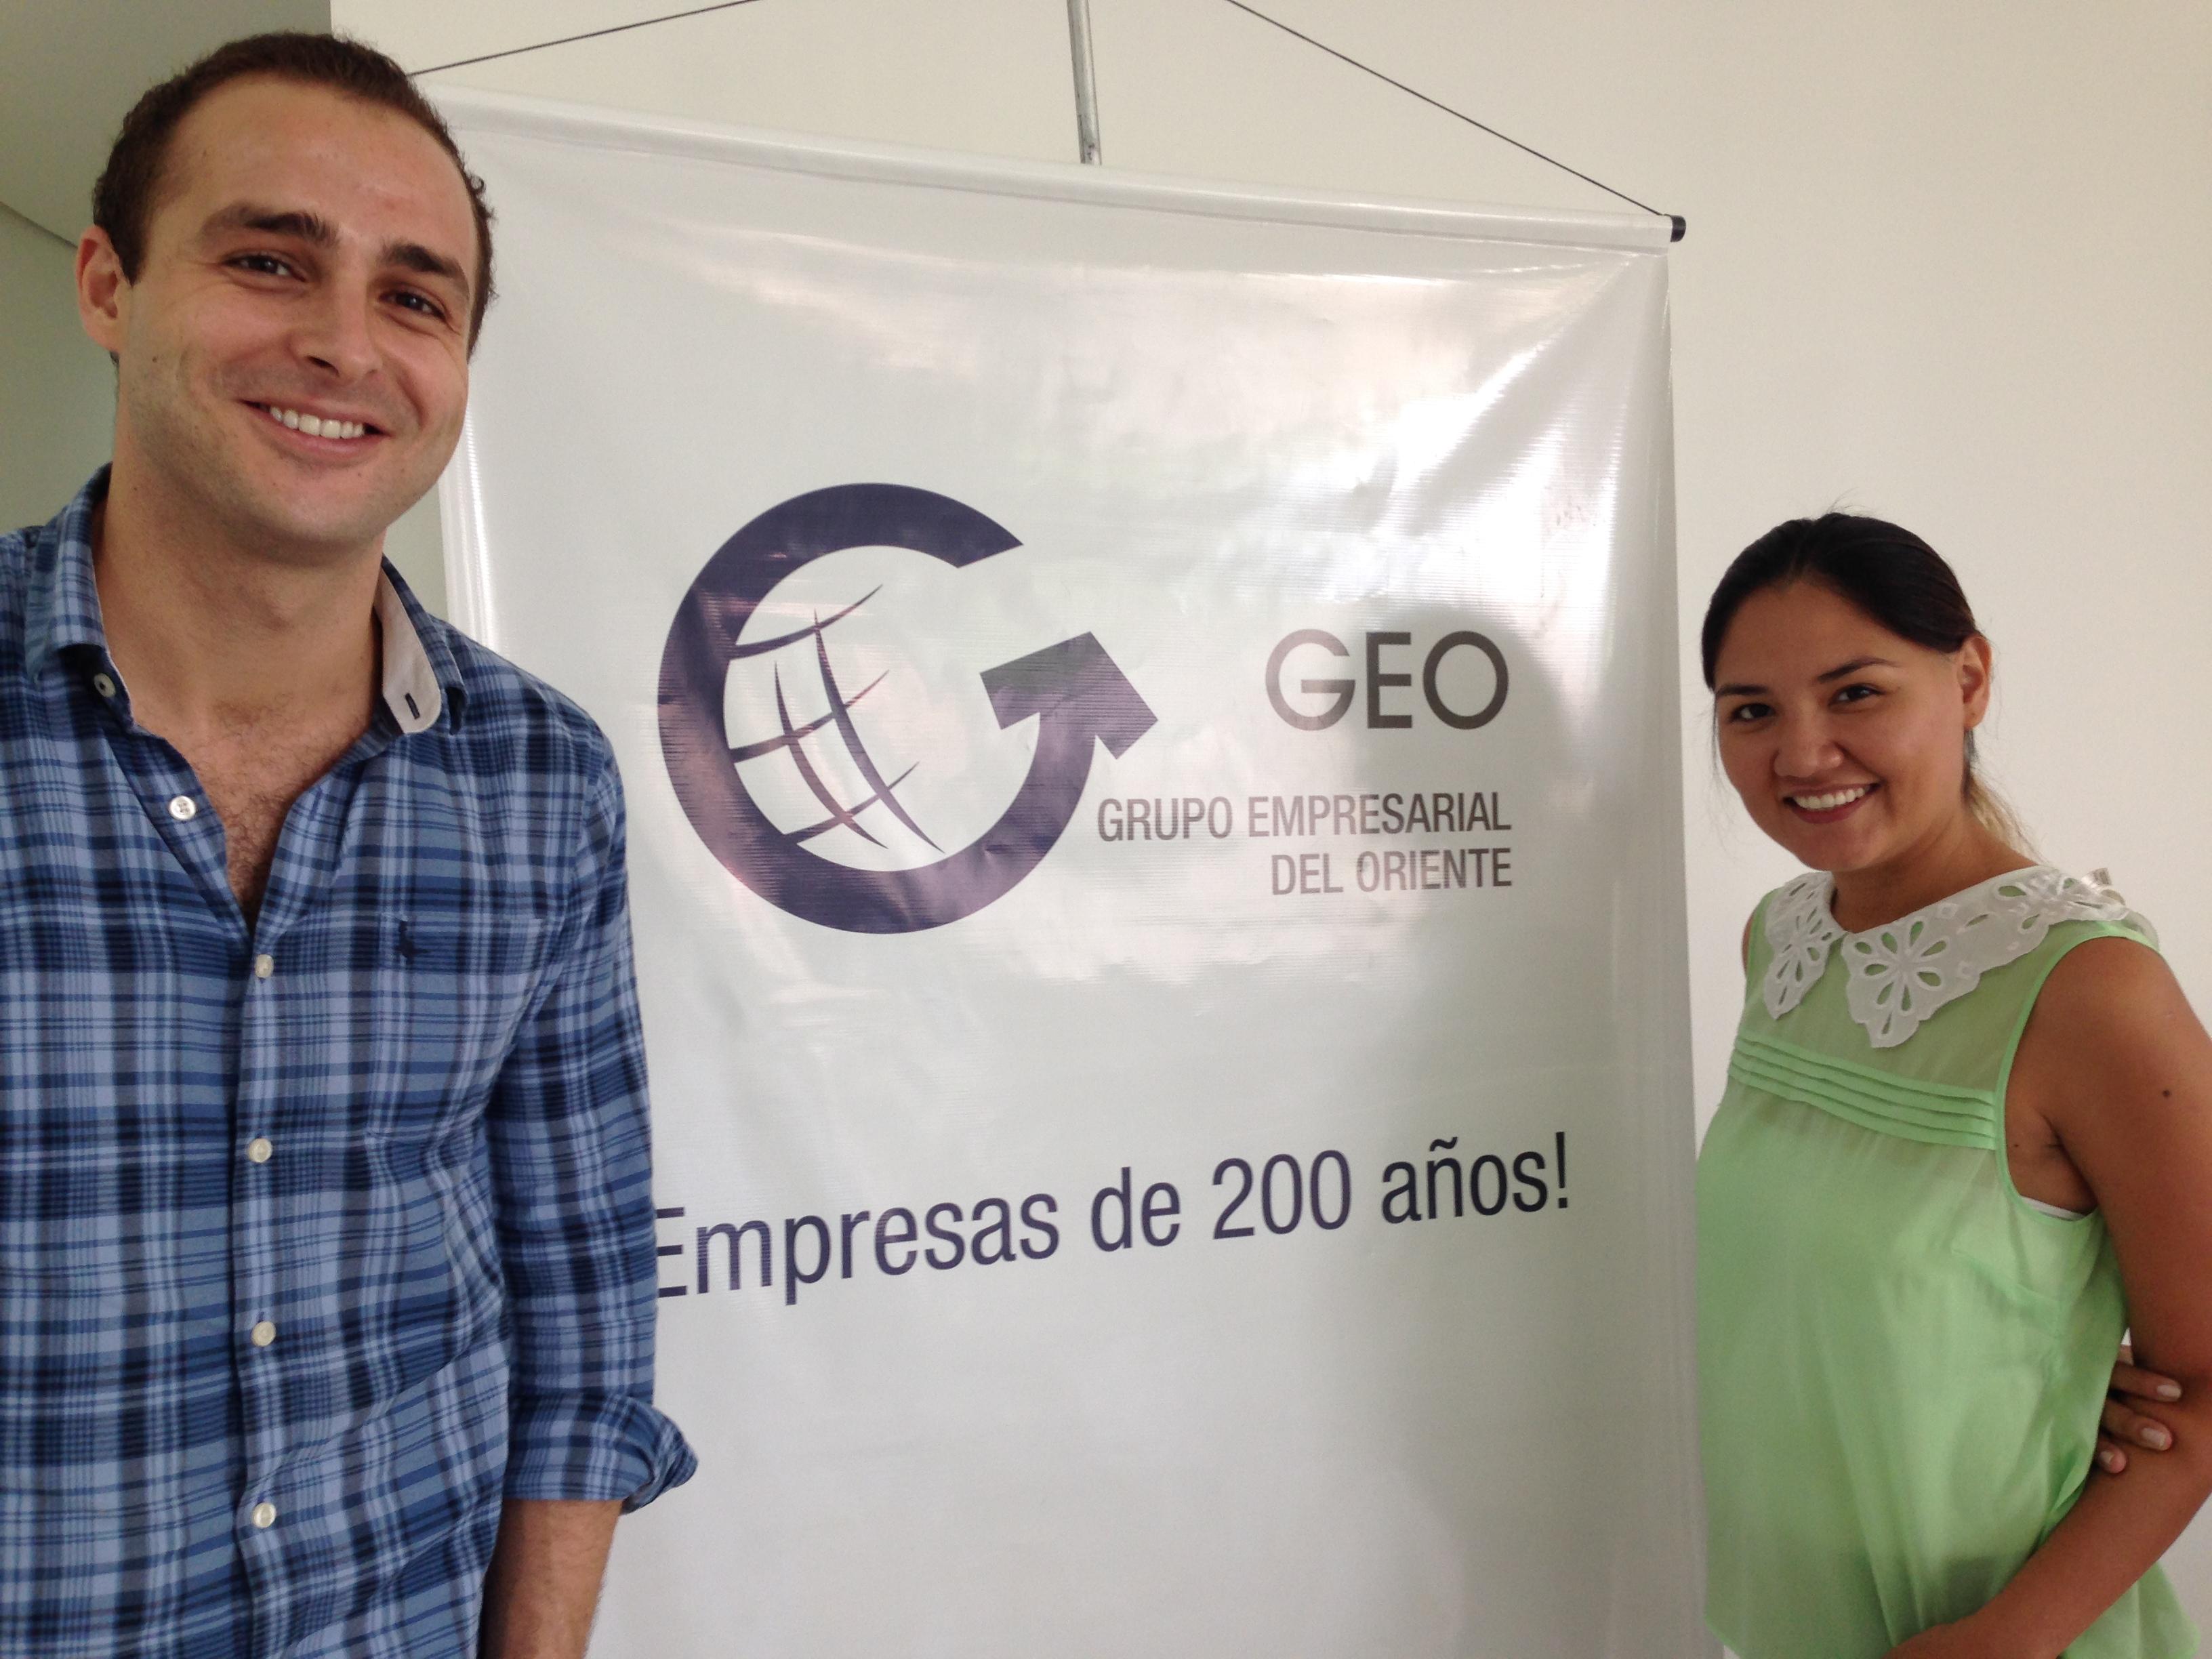 Con Viviana Villalpando (Gestora Desarrollo Humano División Servicios) de Grupo Empresarial del Oriente